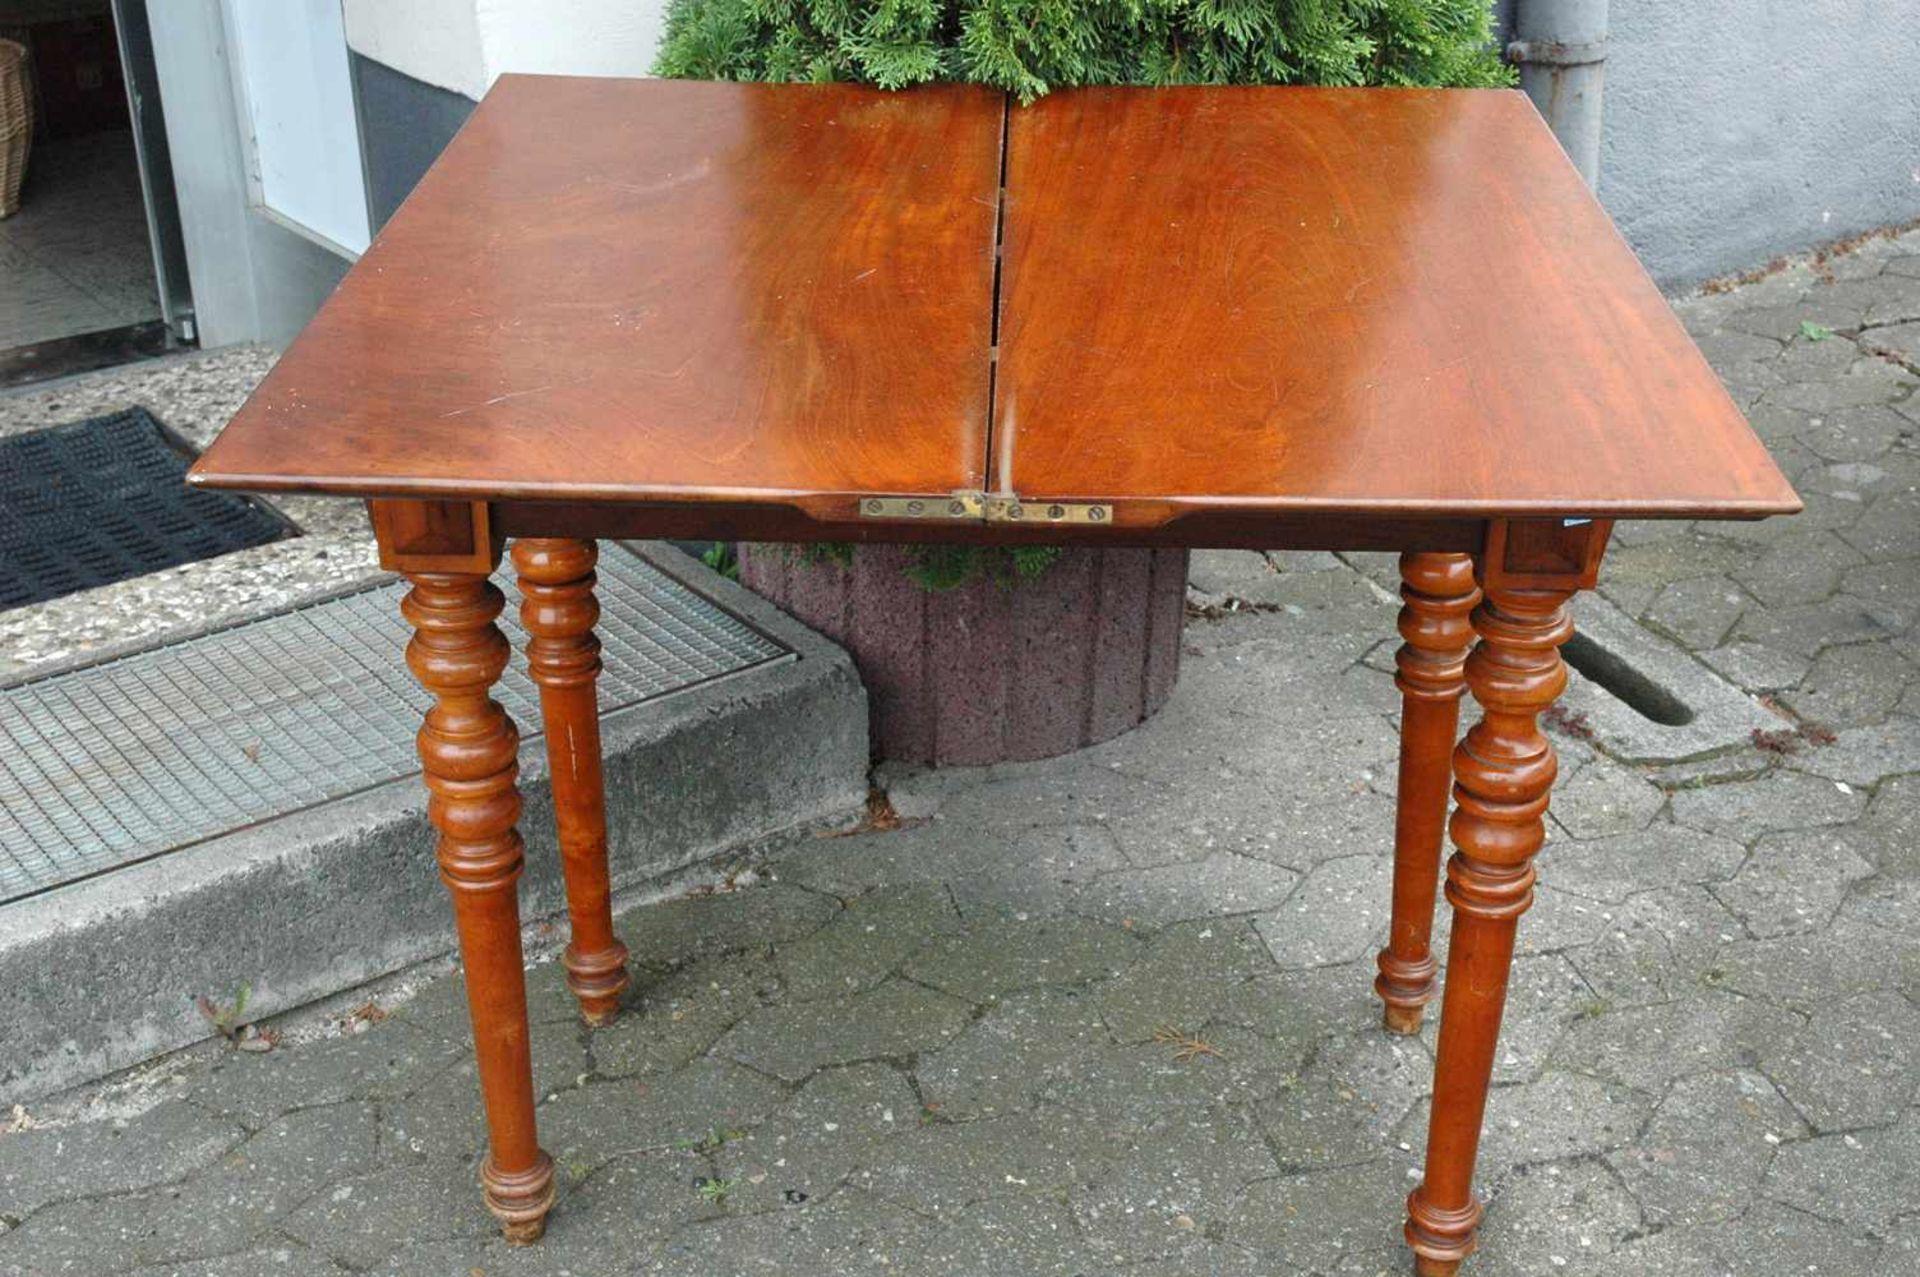 Spieltisch, Gründerzeit, Platte mit leichten Schäden, h= 76 cm - Bild 3 aus 5